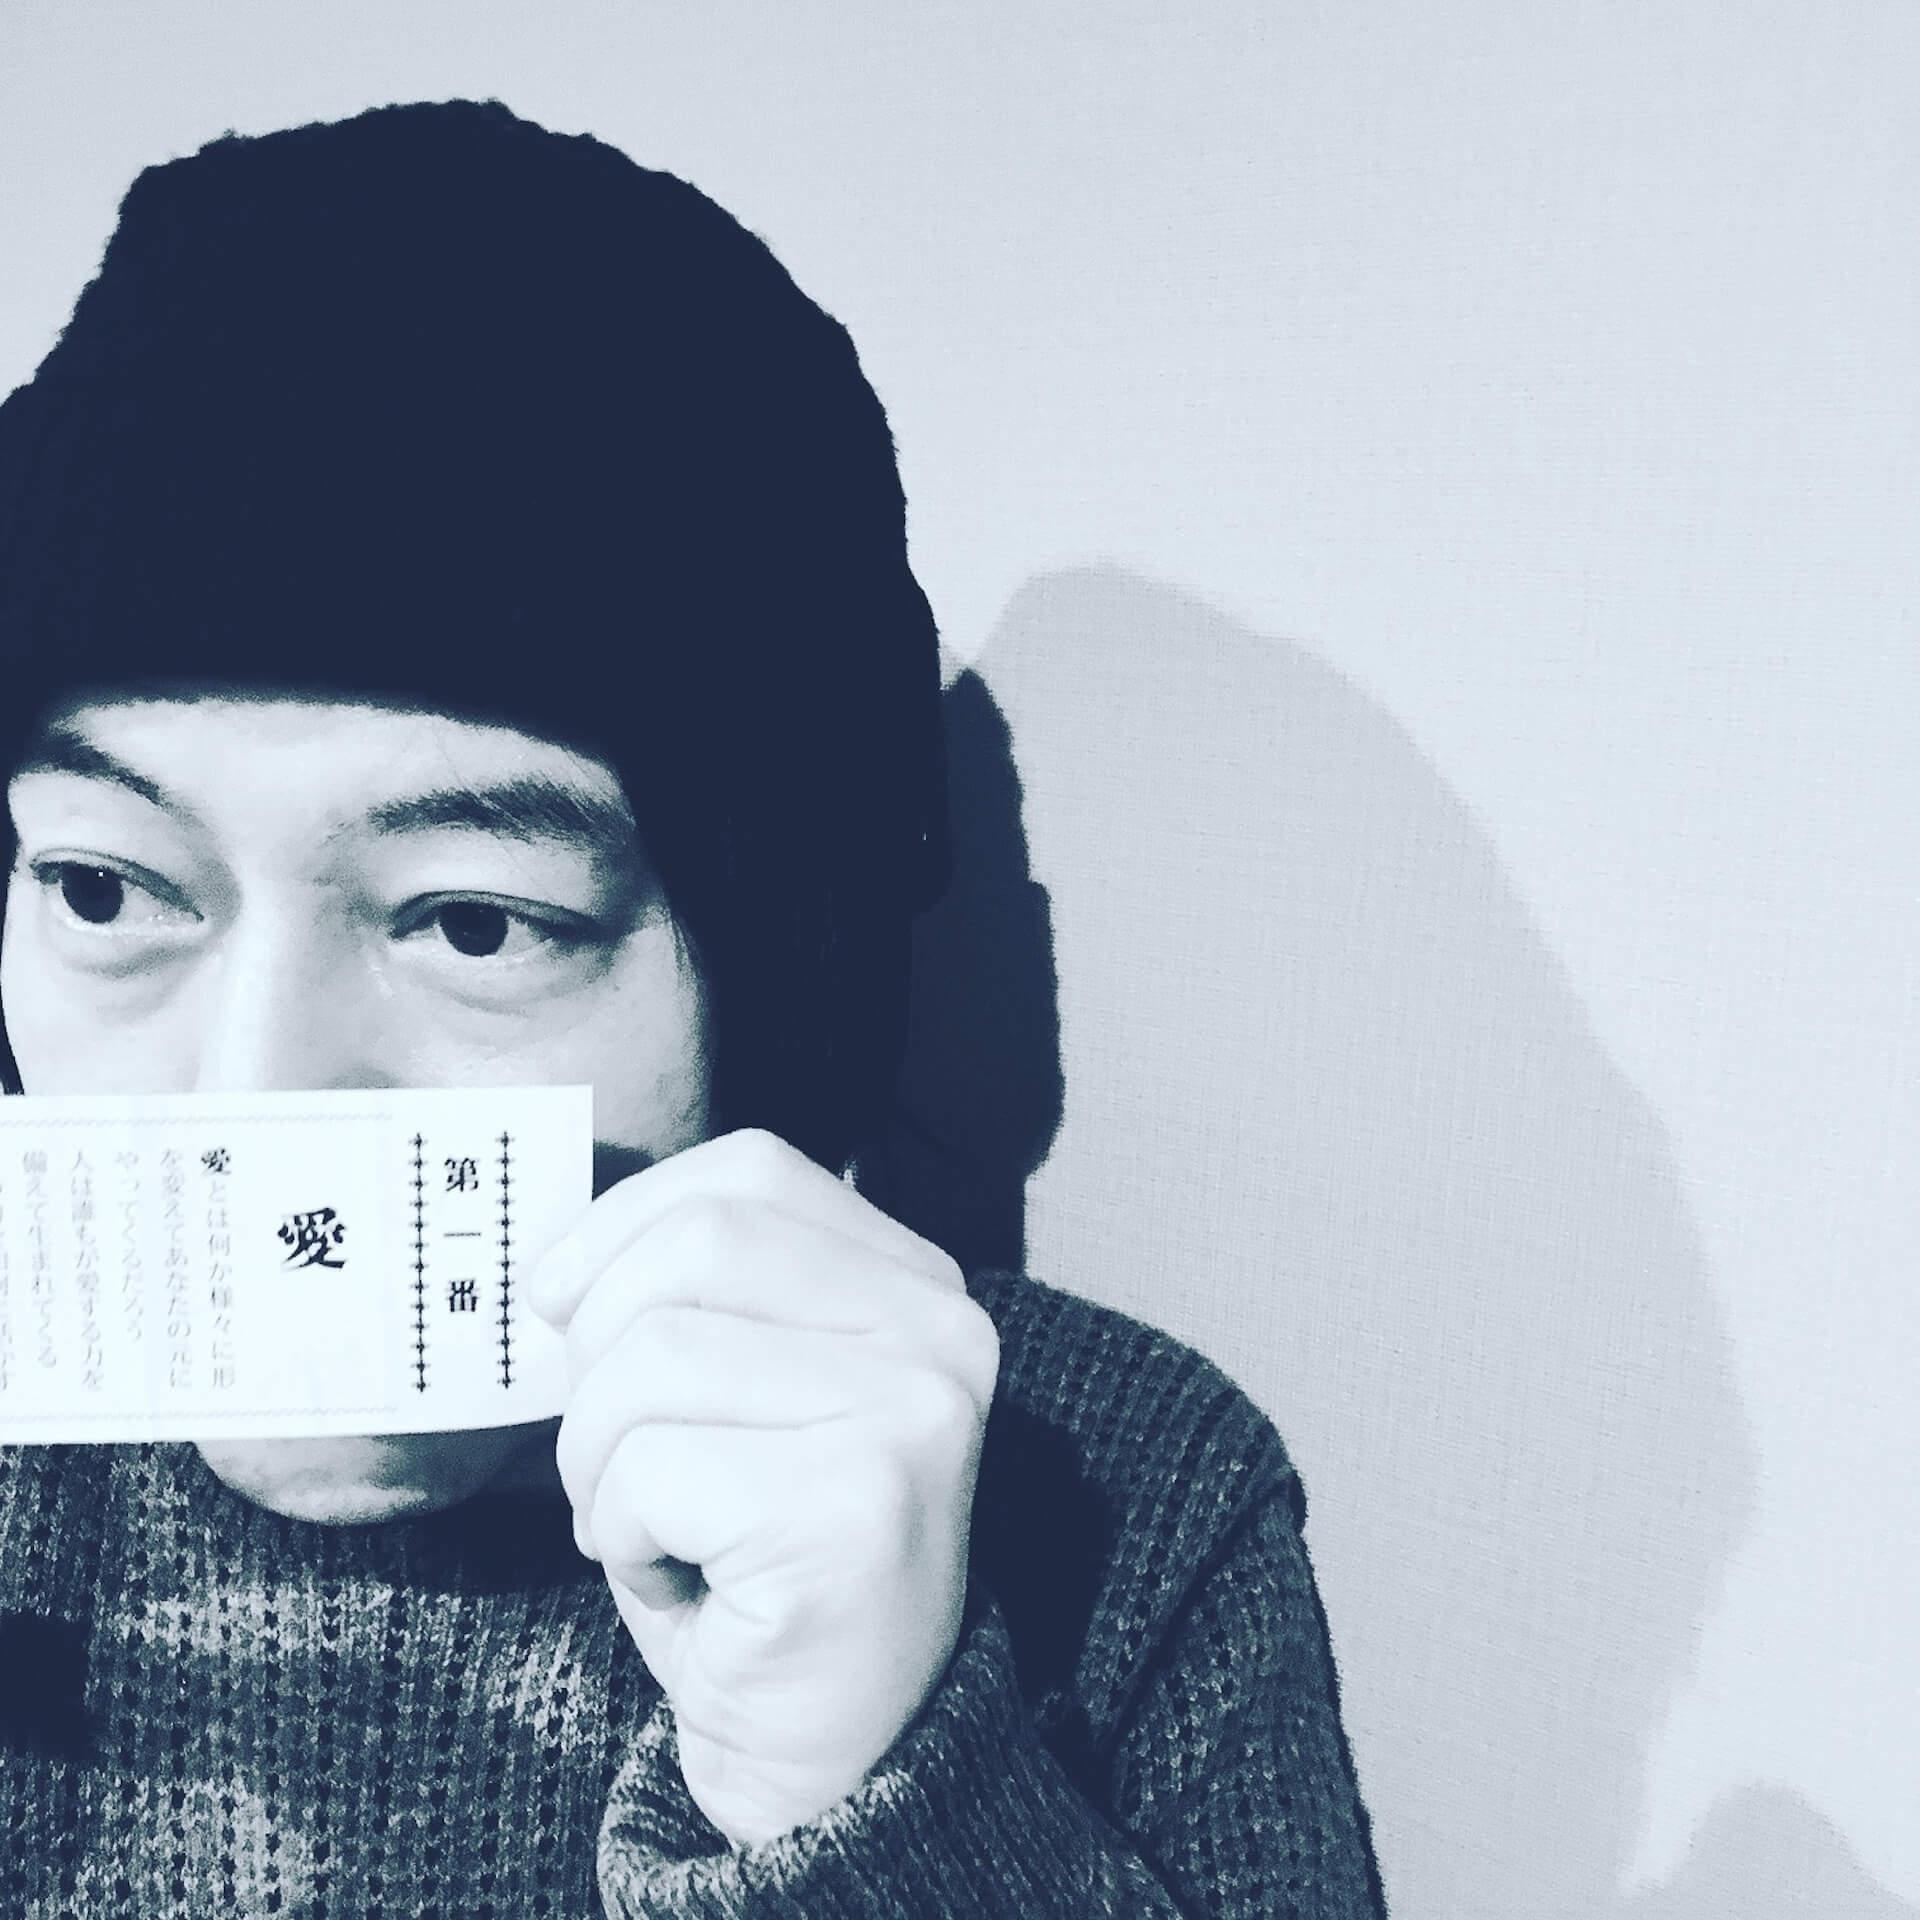 ミュージシャンが自宅で撮りおろした映像をライブストリーミング!『新生音楽 MUSIC AT HOME』に曽我部恵一、七尾旅人、折坂悠太ら14名が参加 music200410_musicathome_11